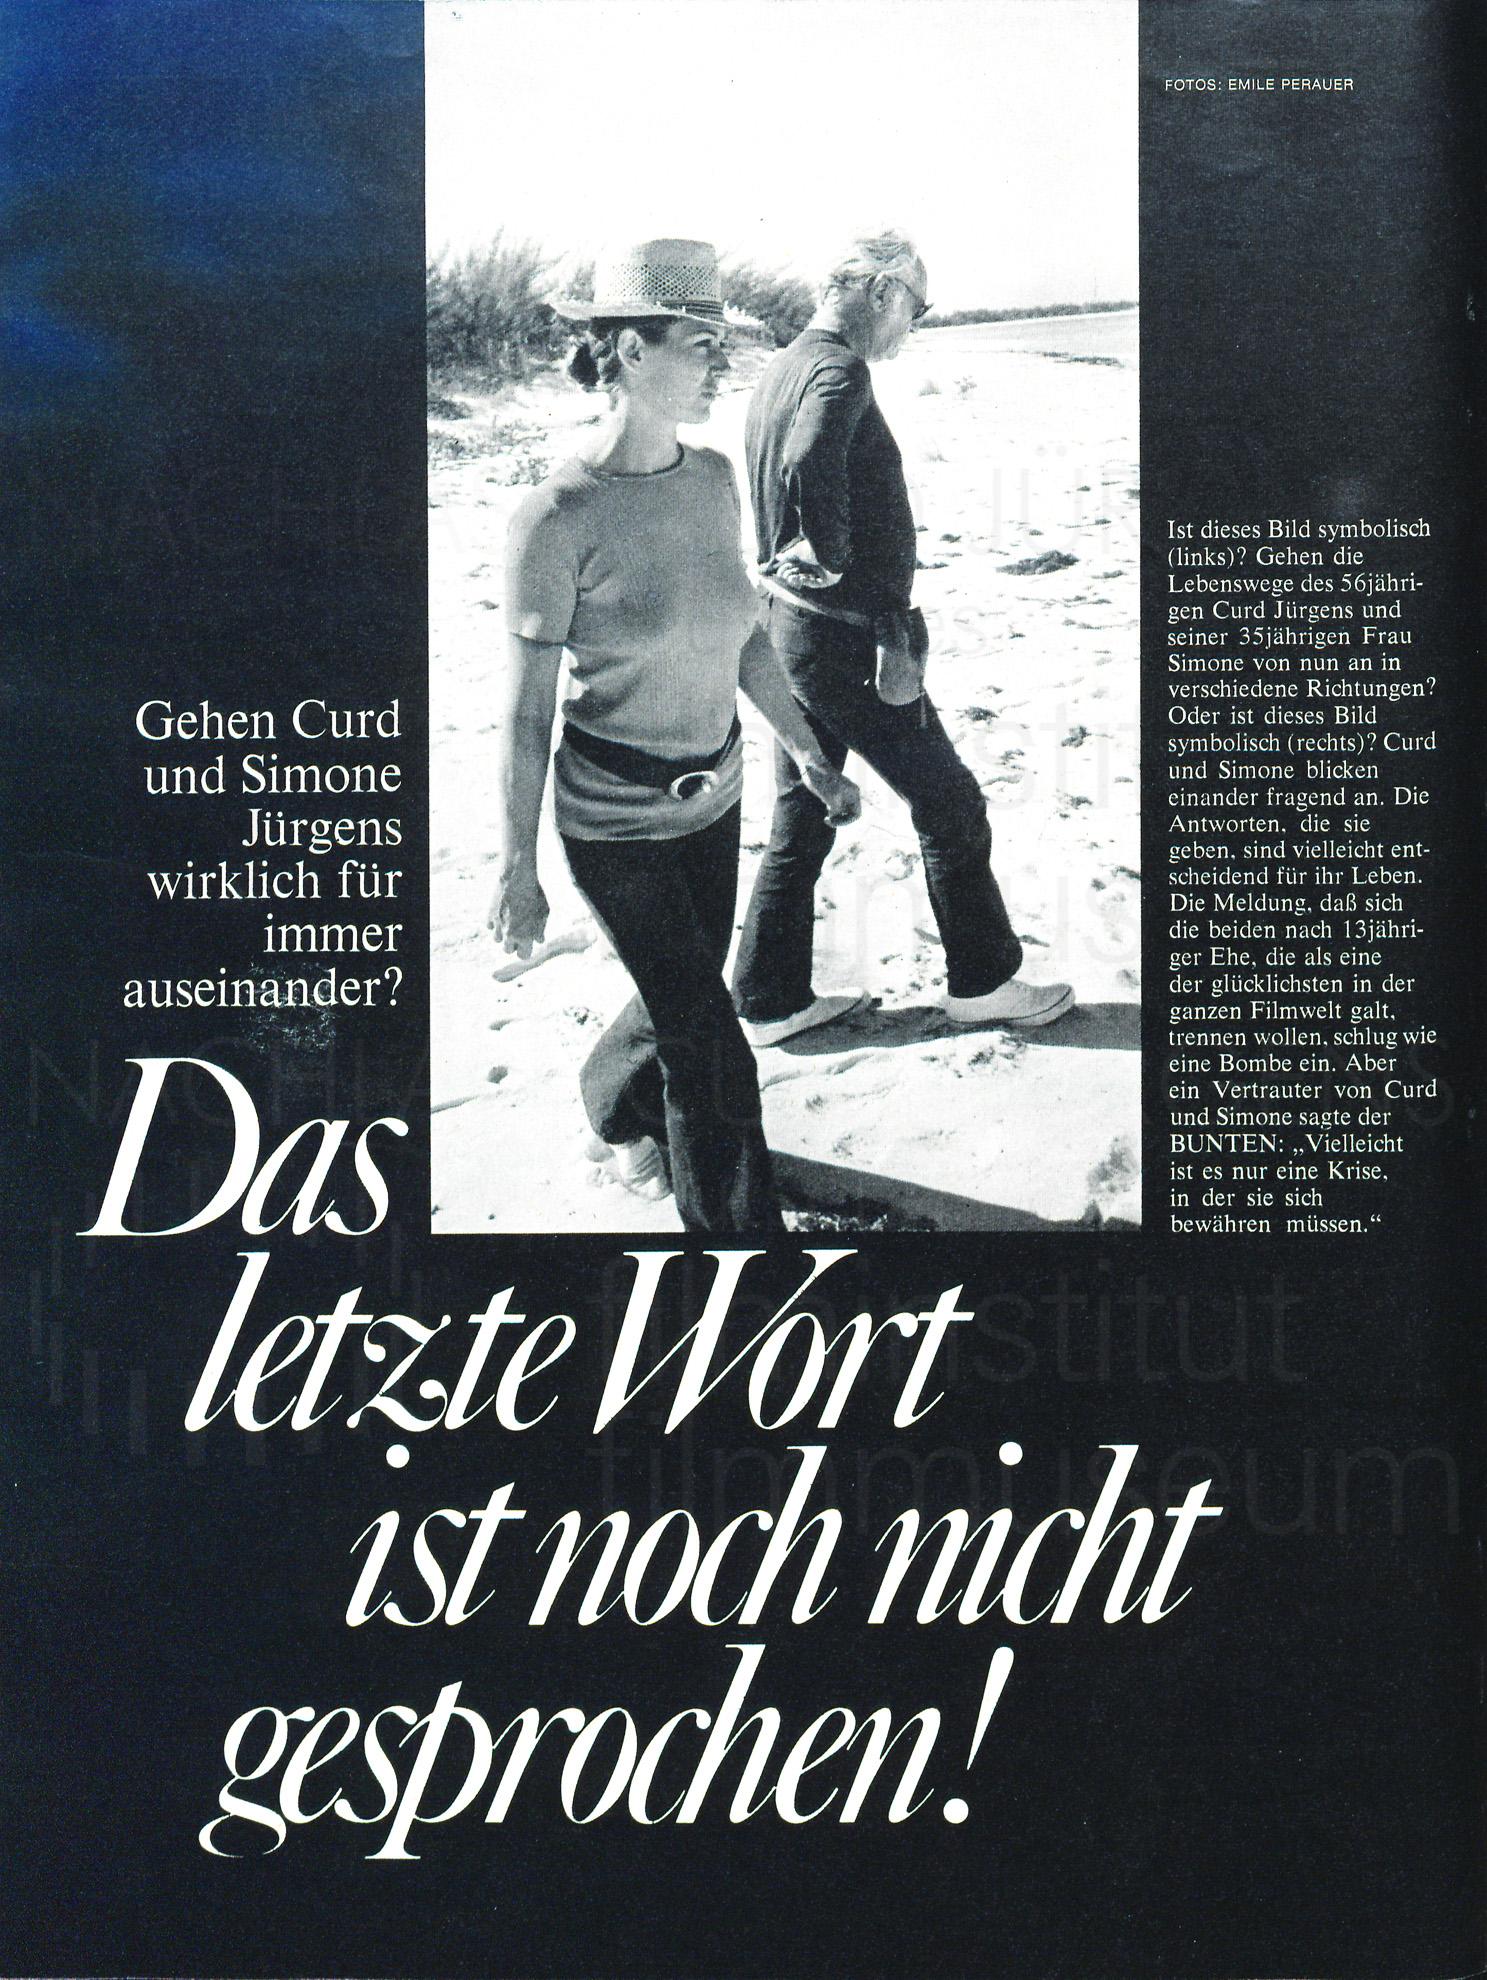 """BUNTE: """"Das letzte Wort ist noch nicht gesprochen!"""", 1971"""